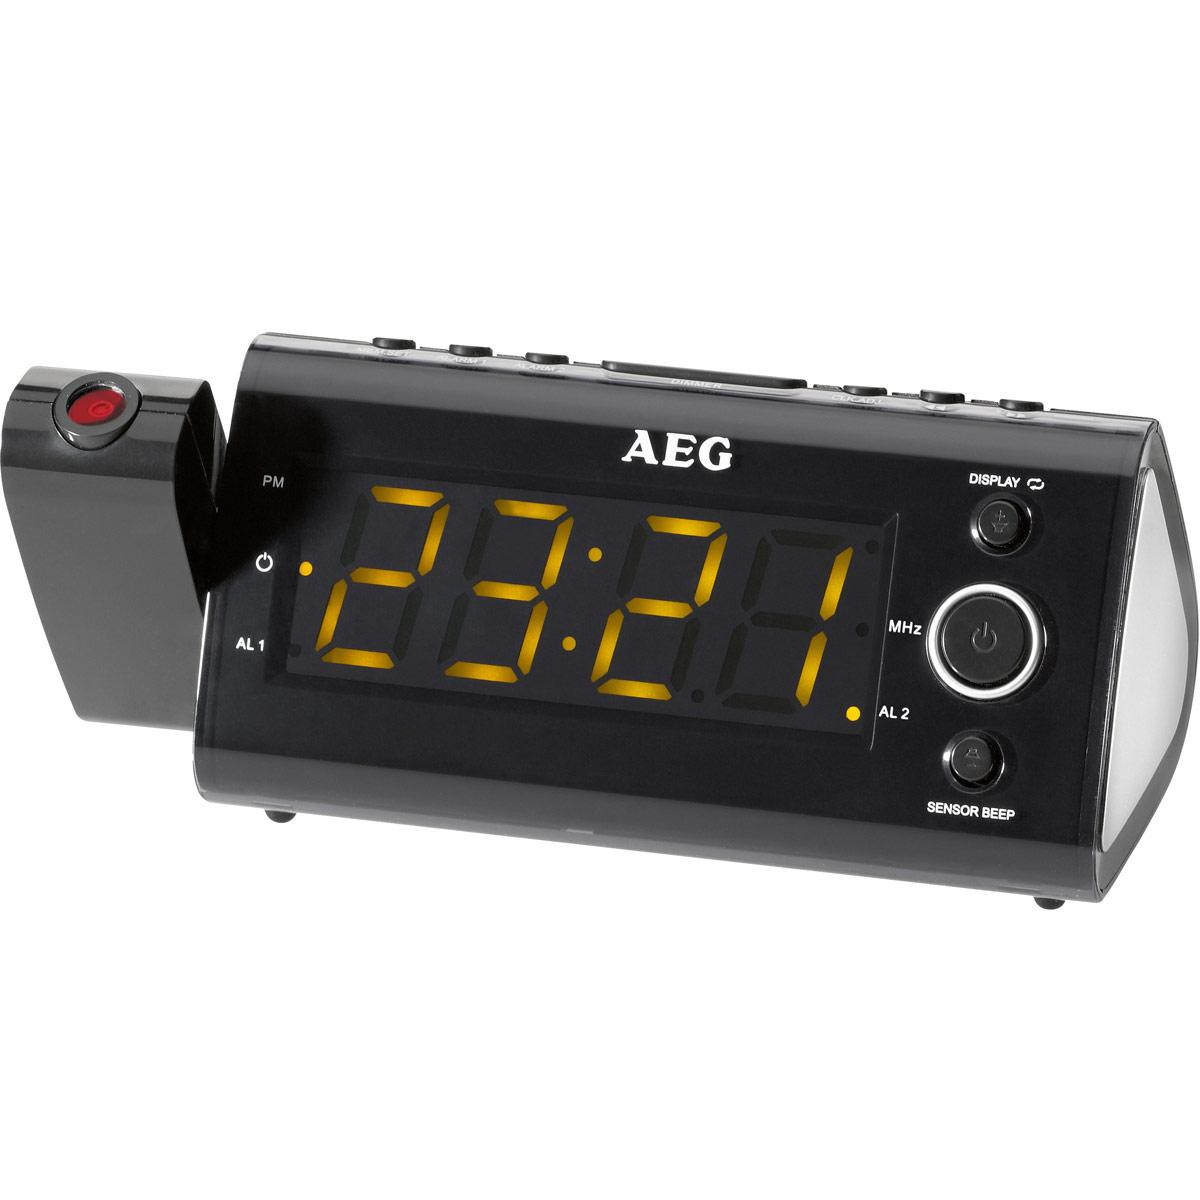 AEG MRC 4121 P Sensor, Black радиочасыMRC 4121 P schwarzРадиобудильник AEG MRC 4121 P с интегрированным инфракрасным датчиком. С помощью интегрированного инфракрасного датчика можно управлять такими функциями, как таймер автоматического отключения, спящий режим, смена индикации температуры в помещении, будильника, времени и радиочастоты путем простого взмаха над датчиком.Индикация даты Индикация температуры и часов Поворотный проектор 180° с возможностью фокусировки Светодиодный дисплей размером около 11 см, с оранжевой подсветкой Интегрированный инфракрасный датчик для бесконтактного управления Цифровая индикация частоты настройки, 10 ячеек памяти для запоминания радиостанций, дипольная антенна Резервное питание для часов при отключении питания сети Резервное питание для часов: часовая батарея CR 2032 (батарея в комплект поставки не входит)